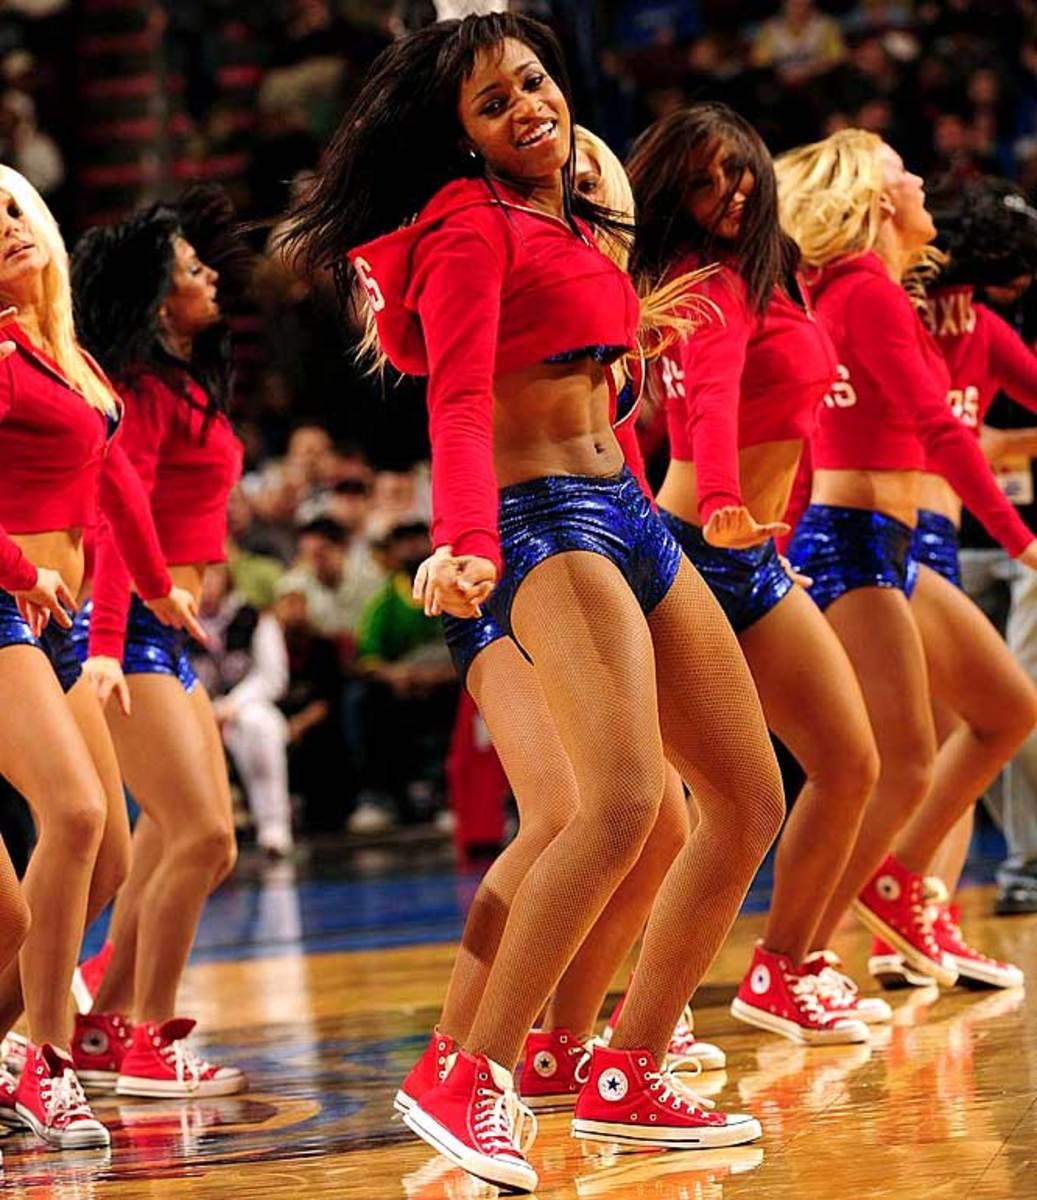 sixers-dancers%2812%29.jpg